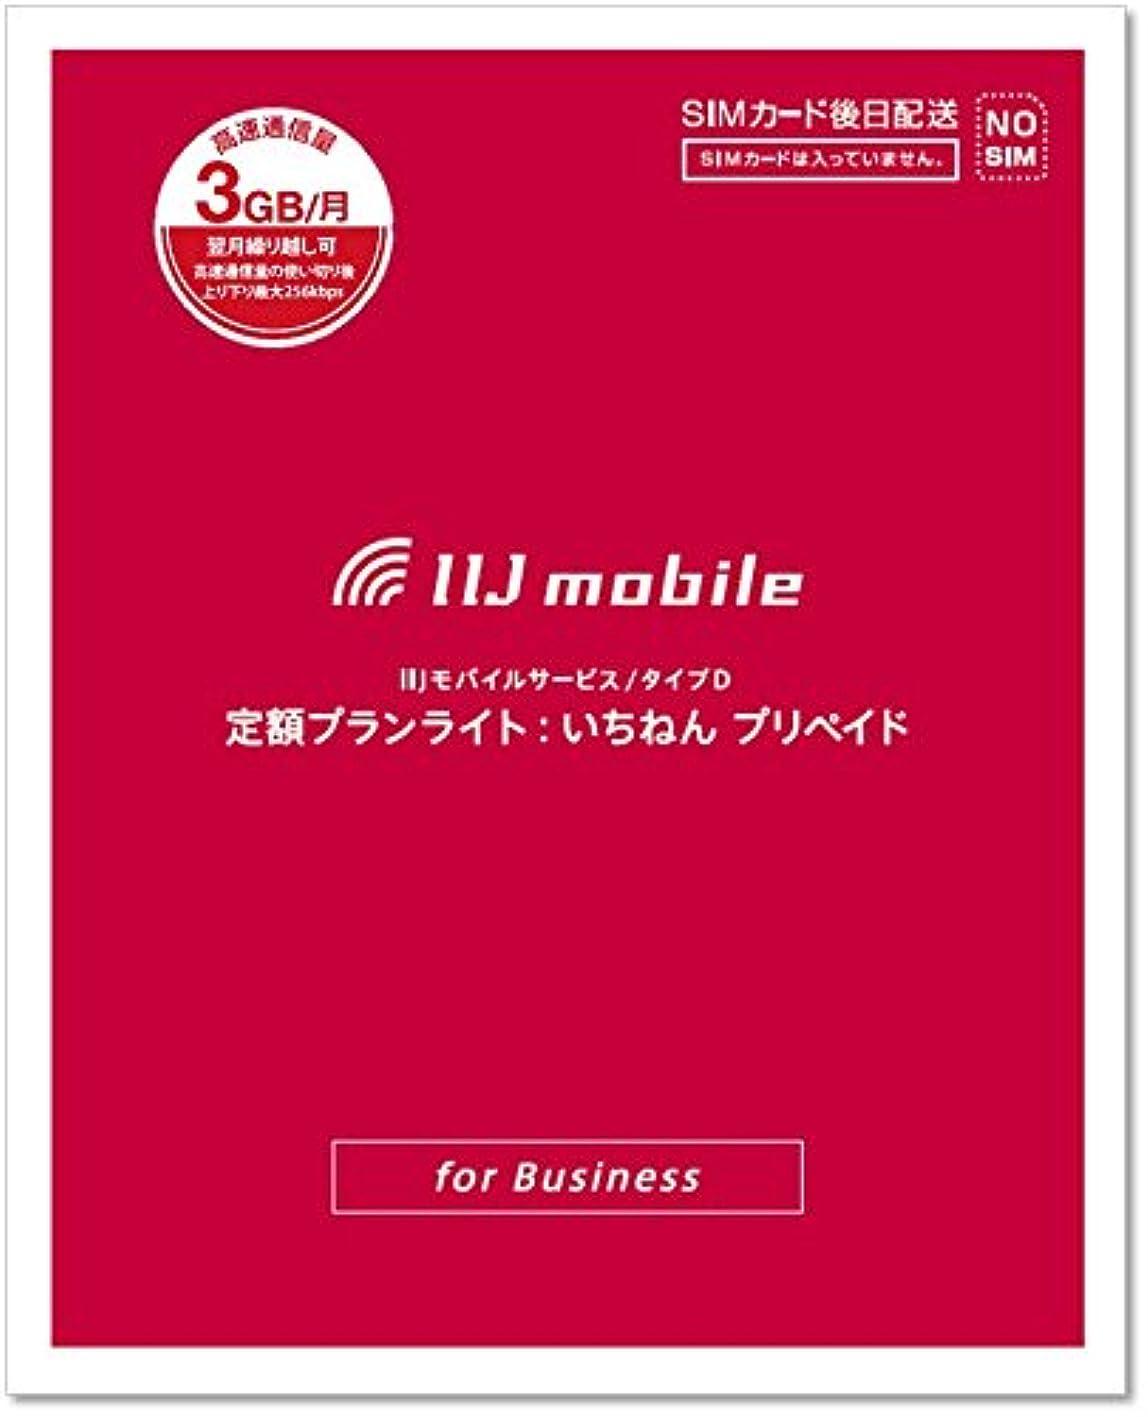 インペリアルポテト一目法人様専用 IIJモバイルサービス/タイプD 定額プランライト:いちねん プリペイド